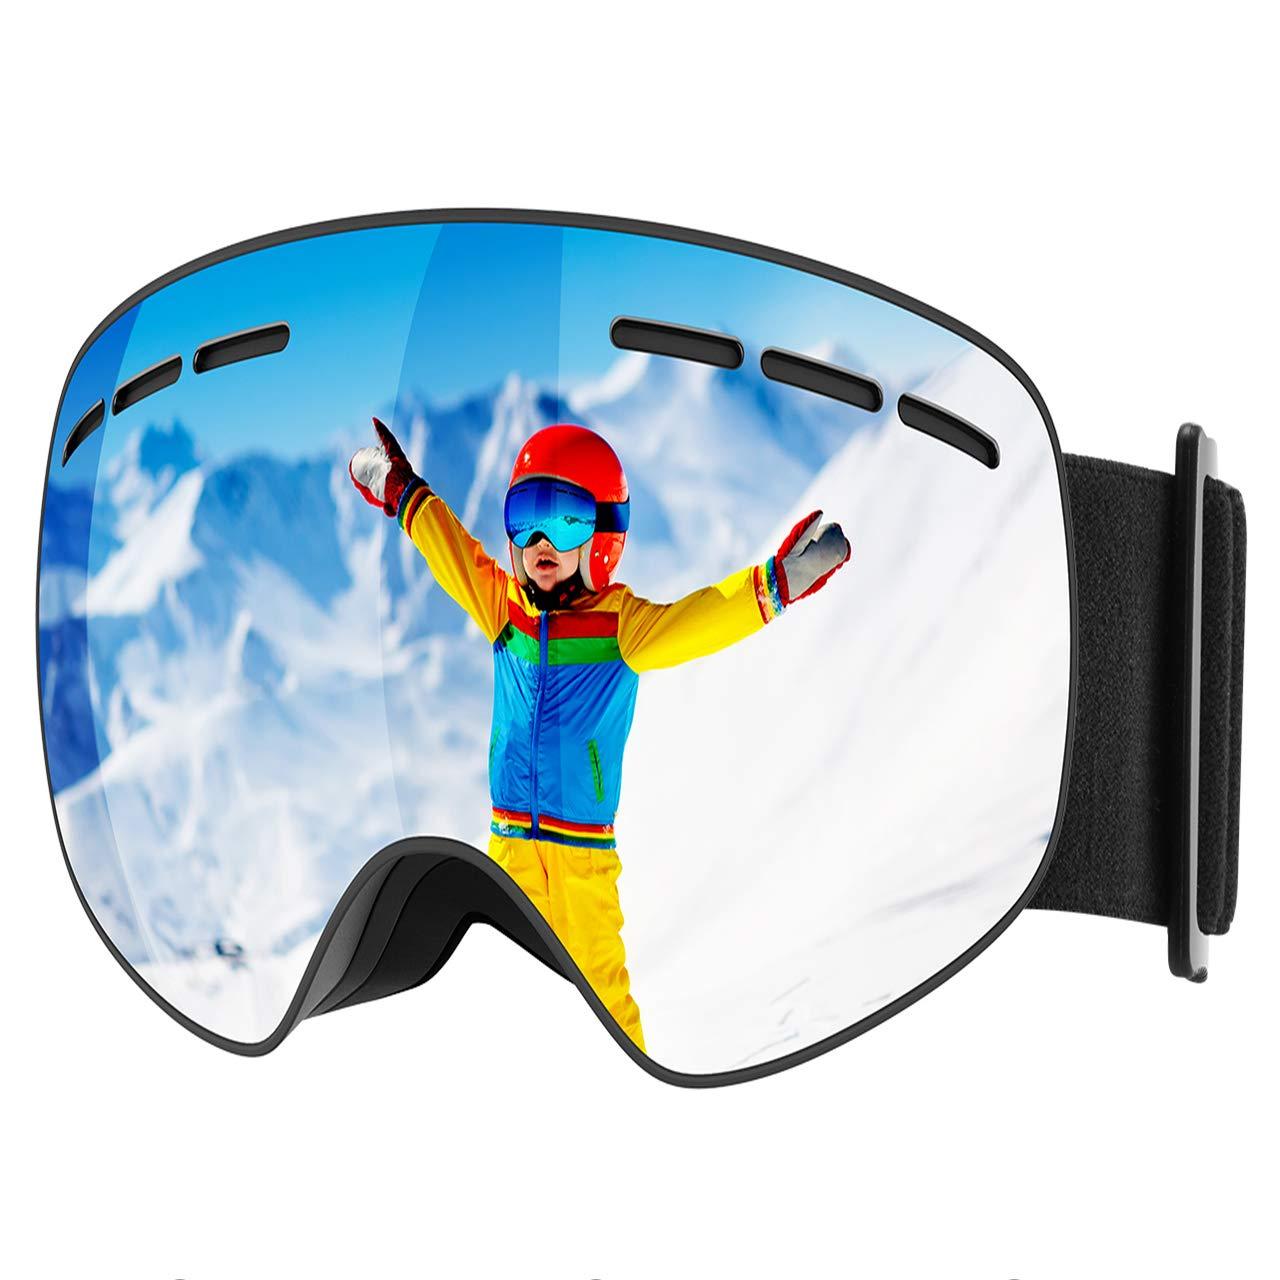 Mpow Skibrille Kinder, Snowboardbrille Kinder mit Anti-Fog-UV-Schutz sphärischer Doppelschichtlinse